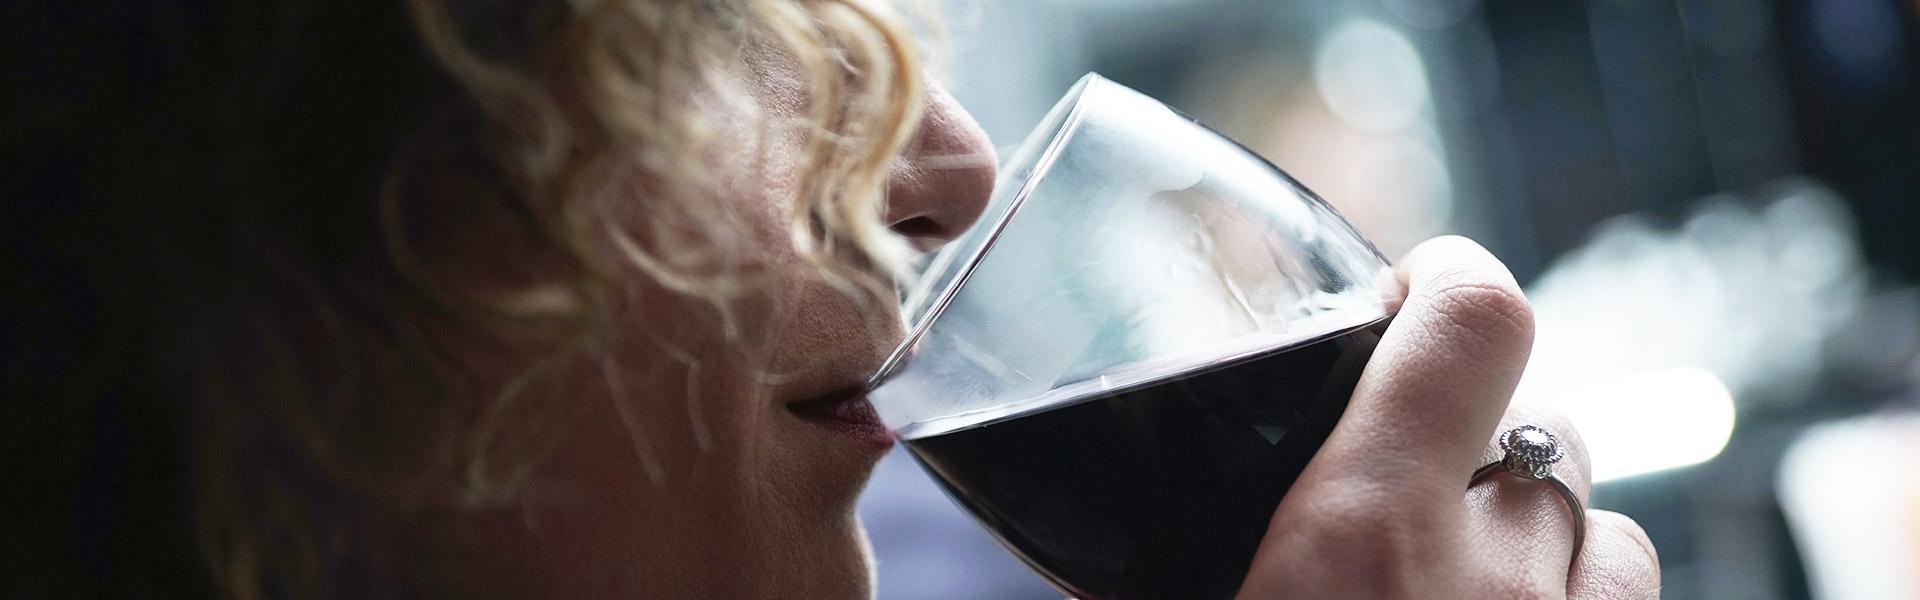 Geschmacksveränderungen im Wein